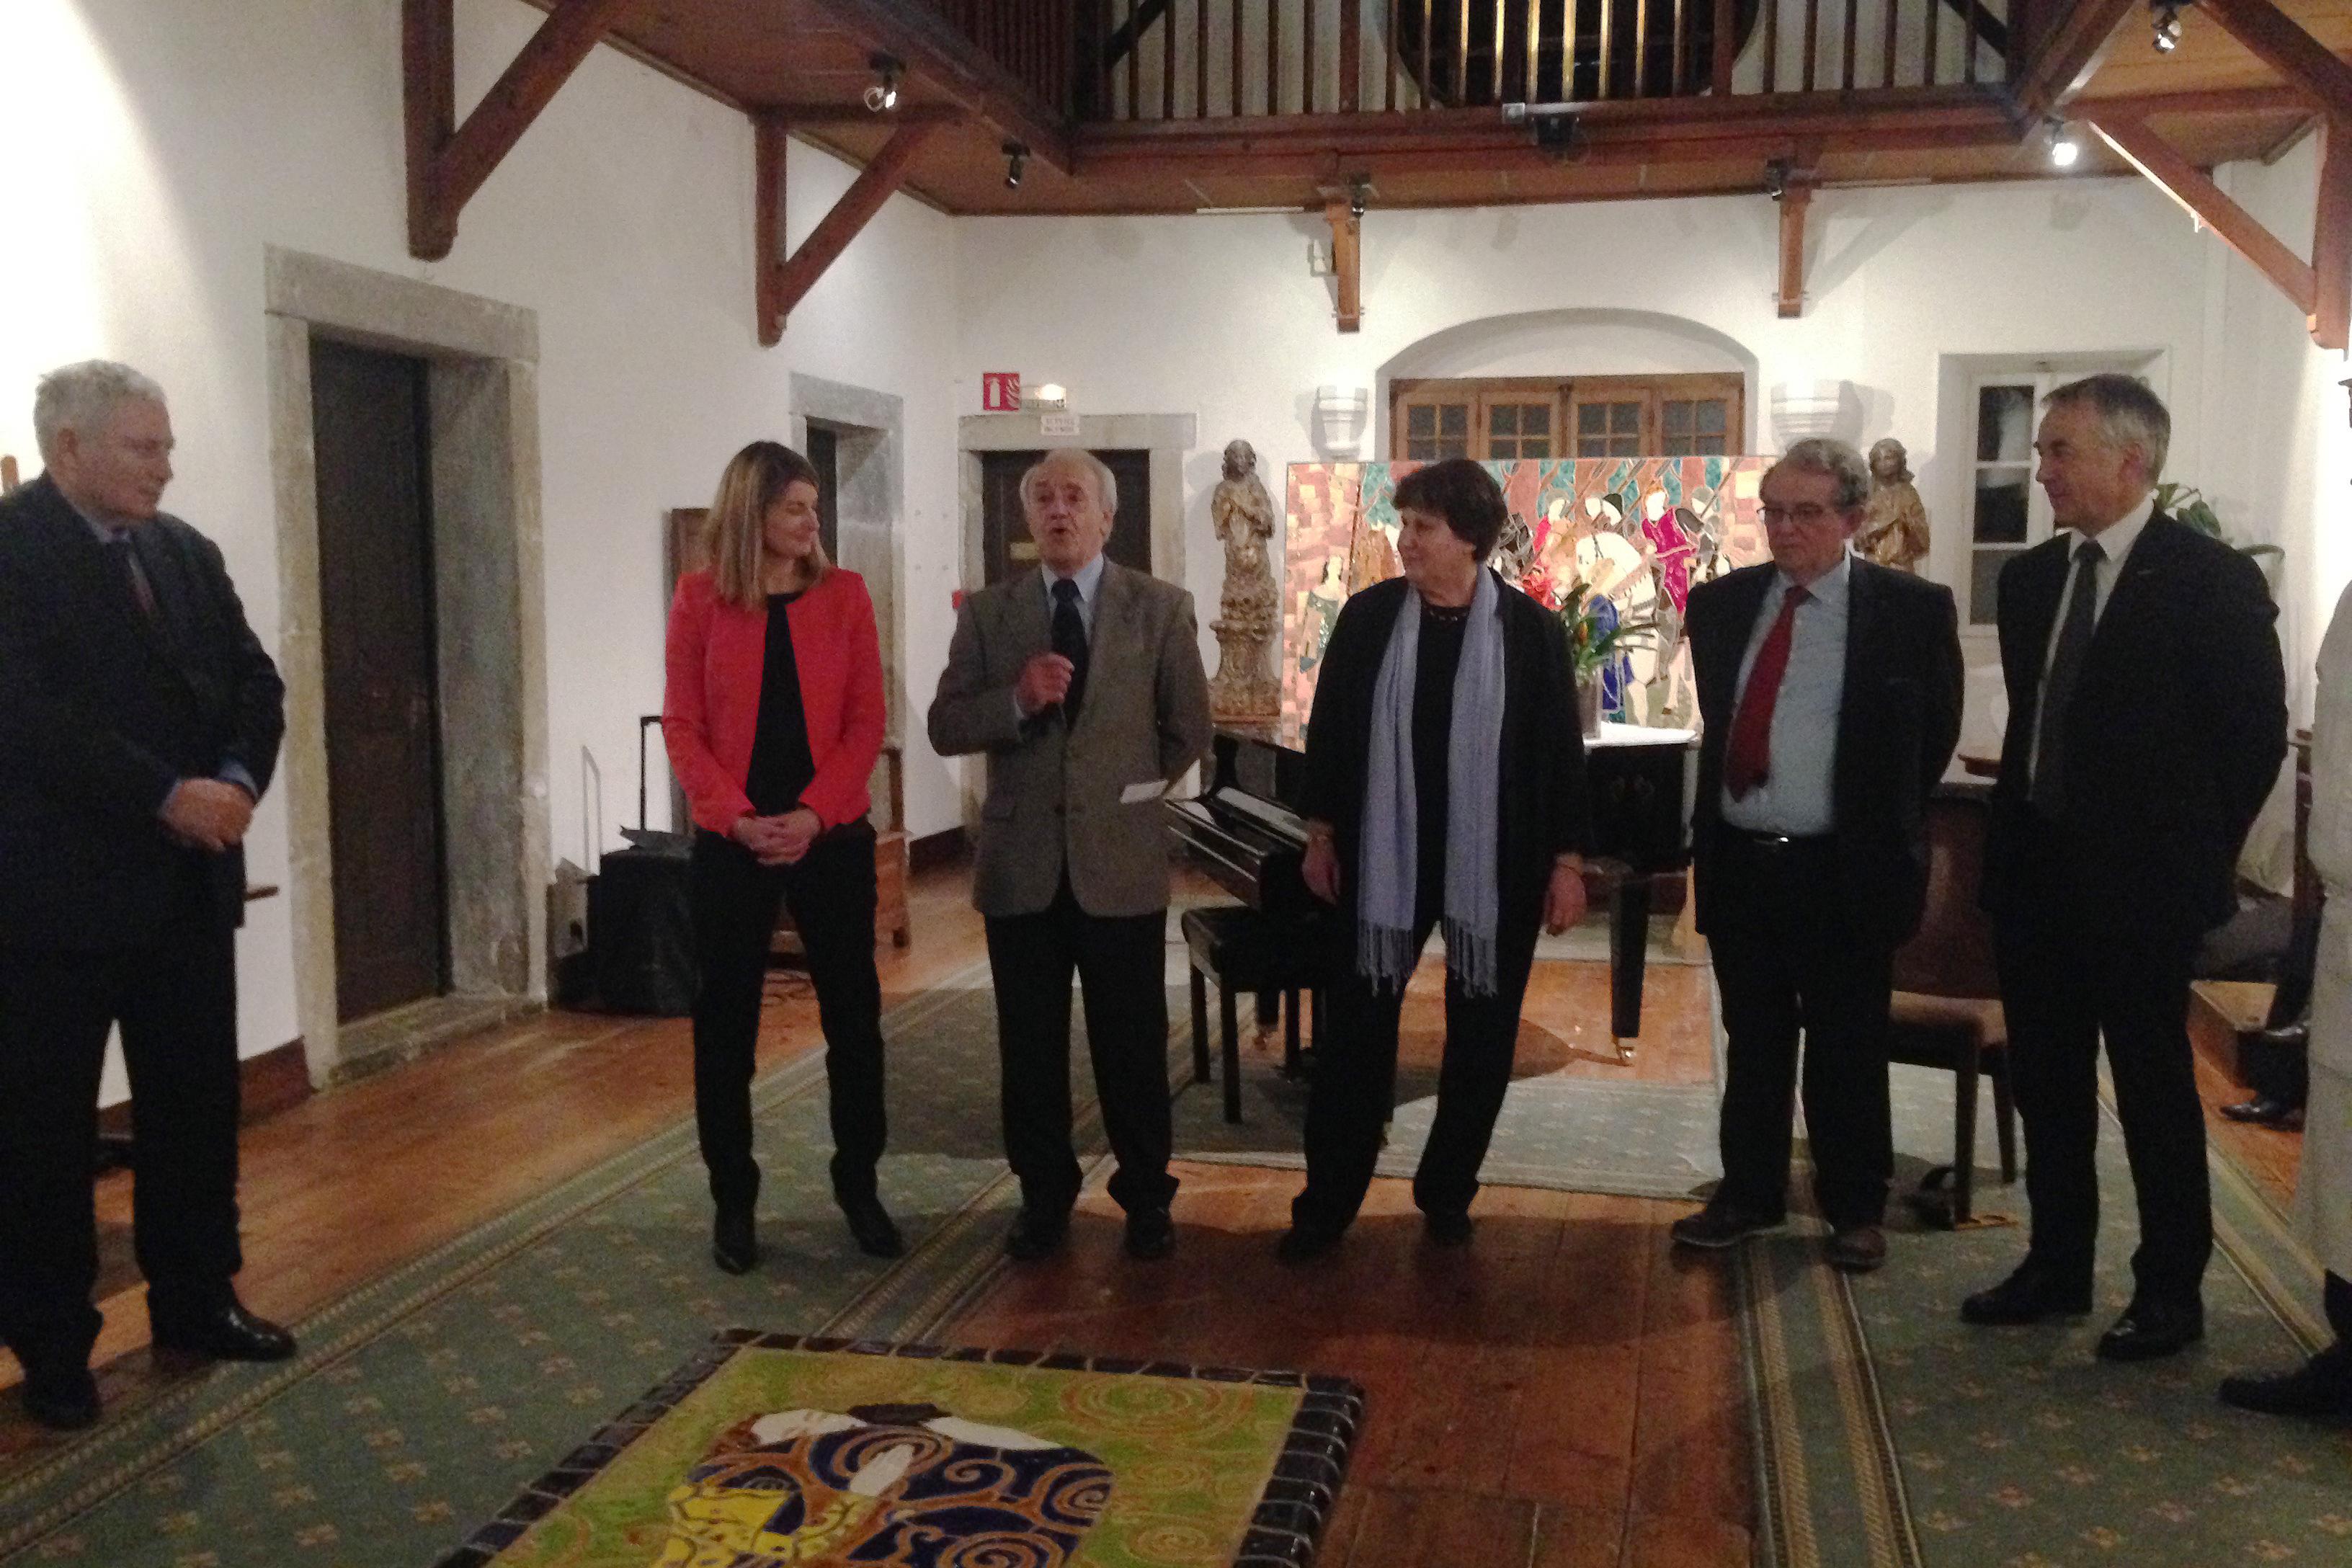 Cérémonie de lancement du Millénaire - de gauche à droite : Mr Lambert (Mr le prefet), Mme Chauvris, Mr Peres, Mme Kirchner, Mr Favrot, Mr Rigaut